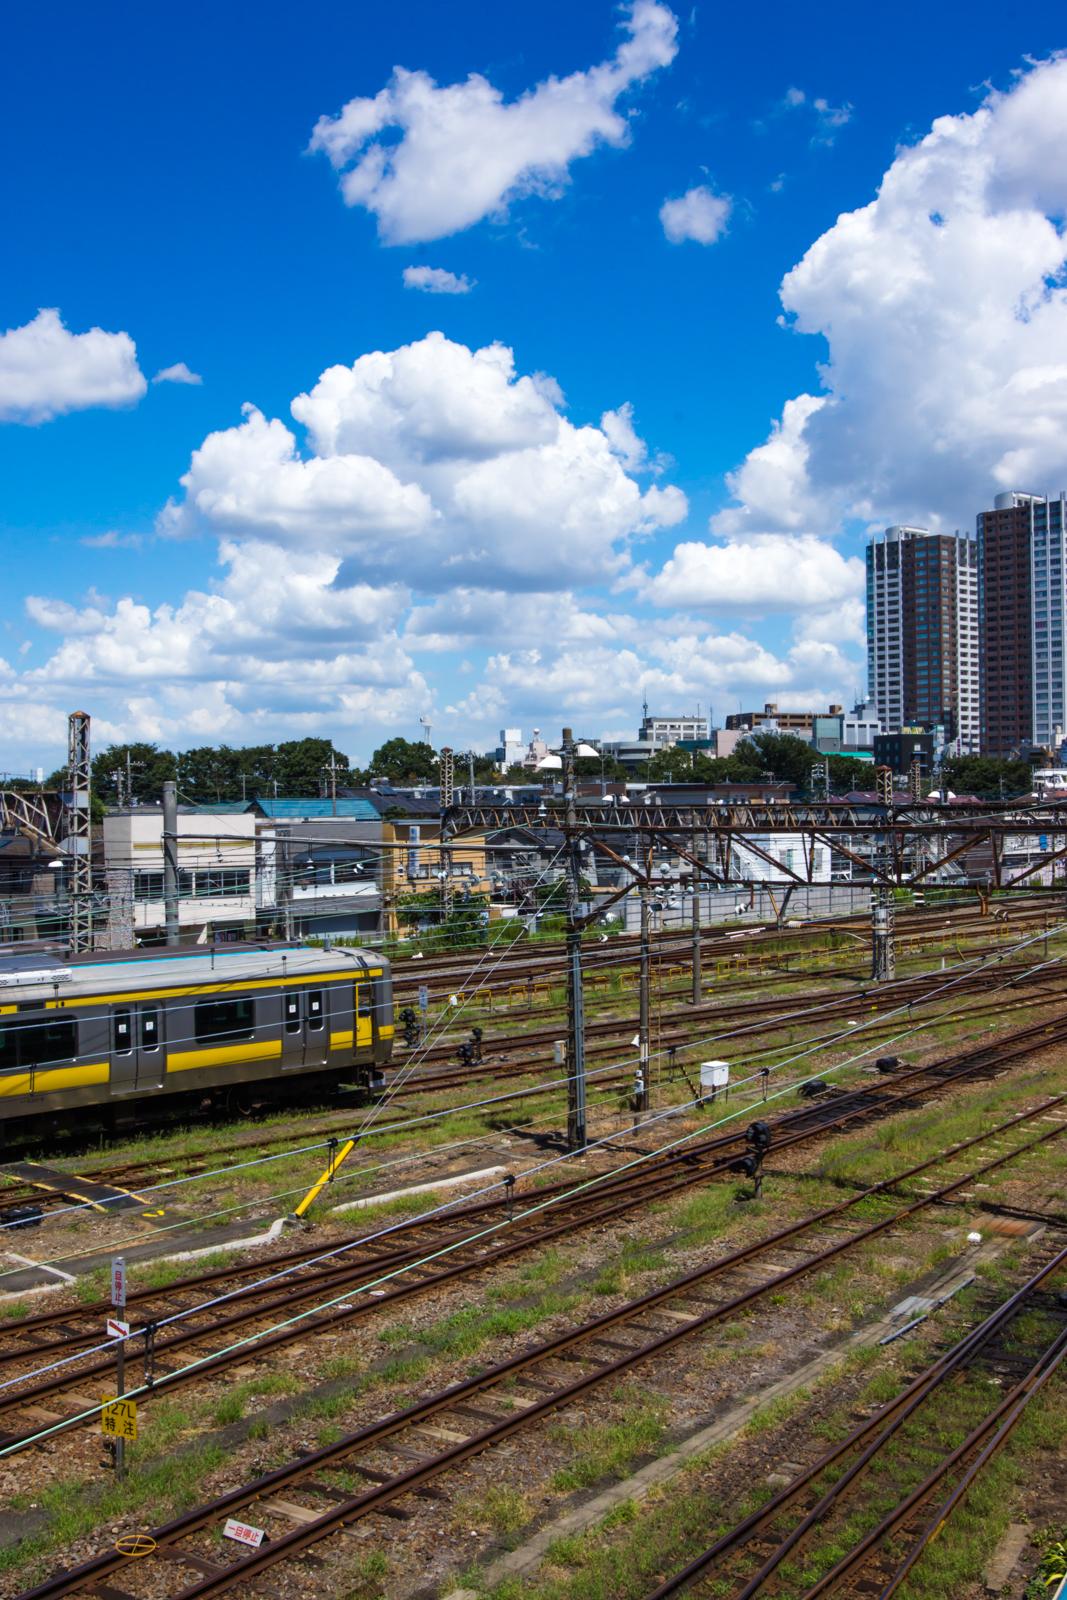 三鷹電車車庫跨線橋から撮影した線路と青空の写真